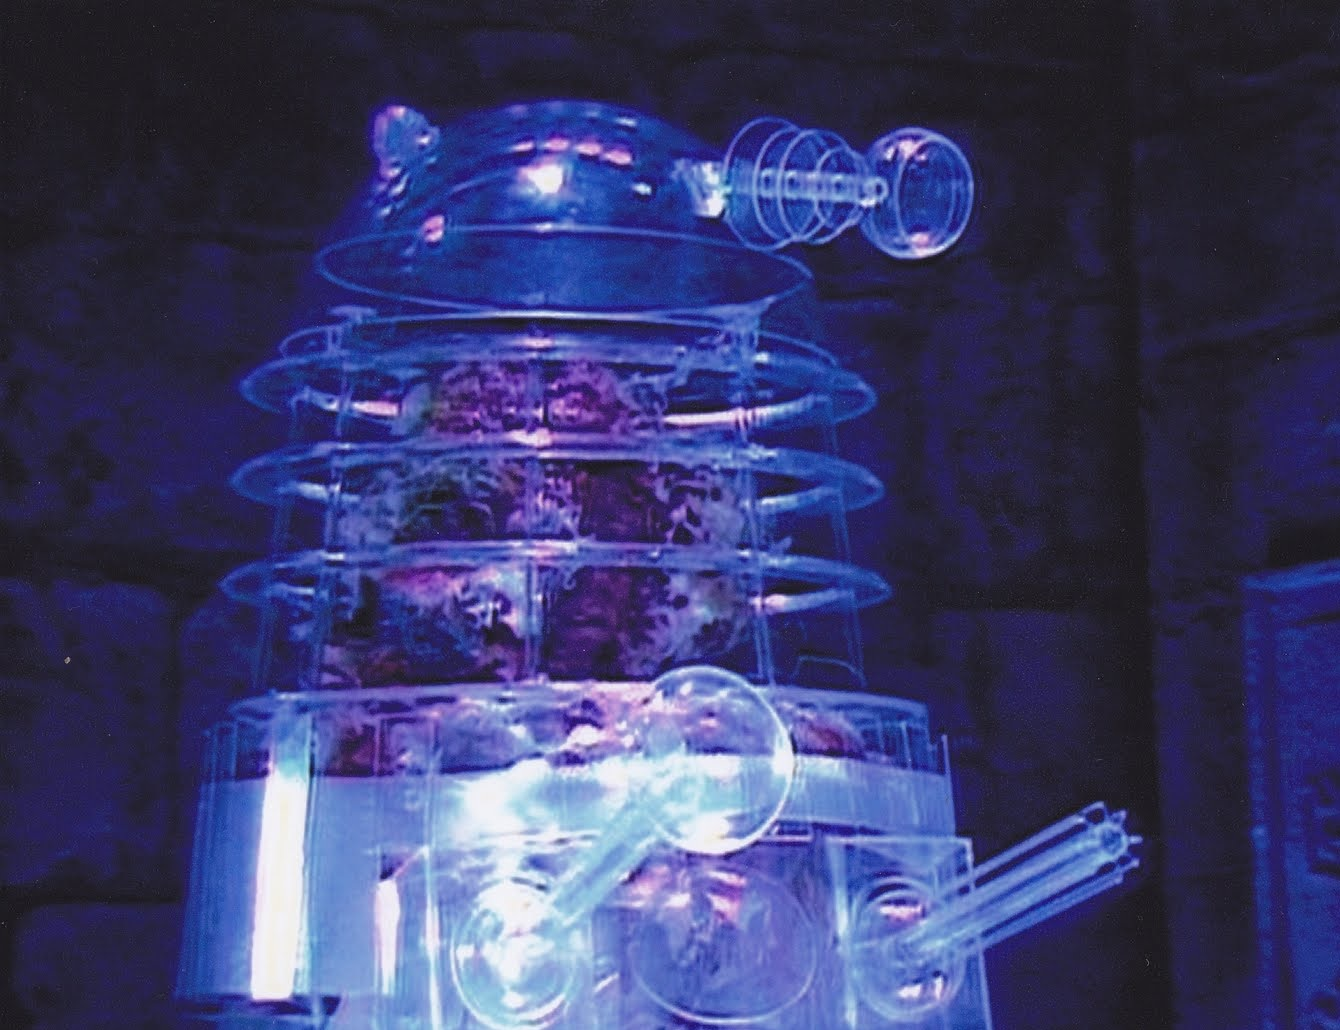 Revelation of the Daleks 3